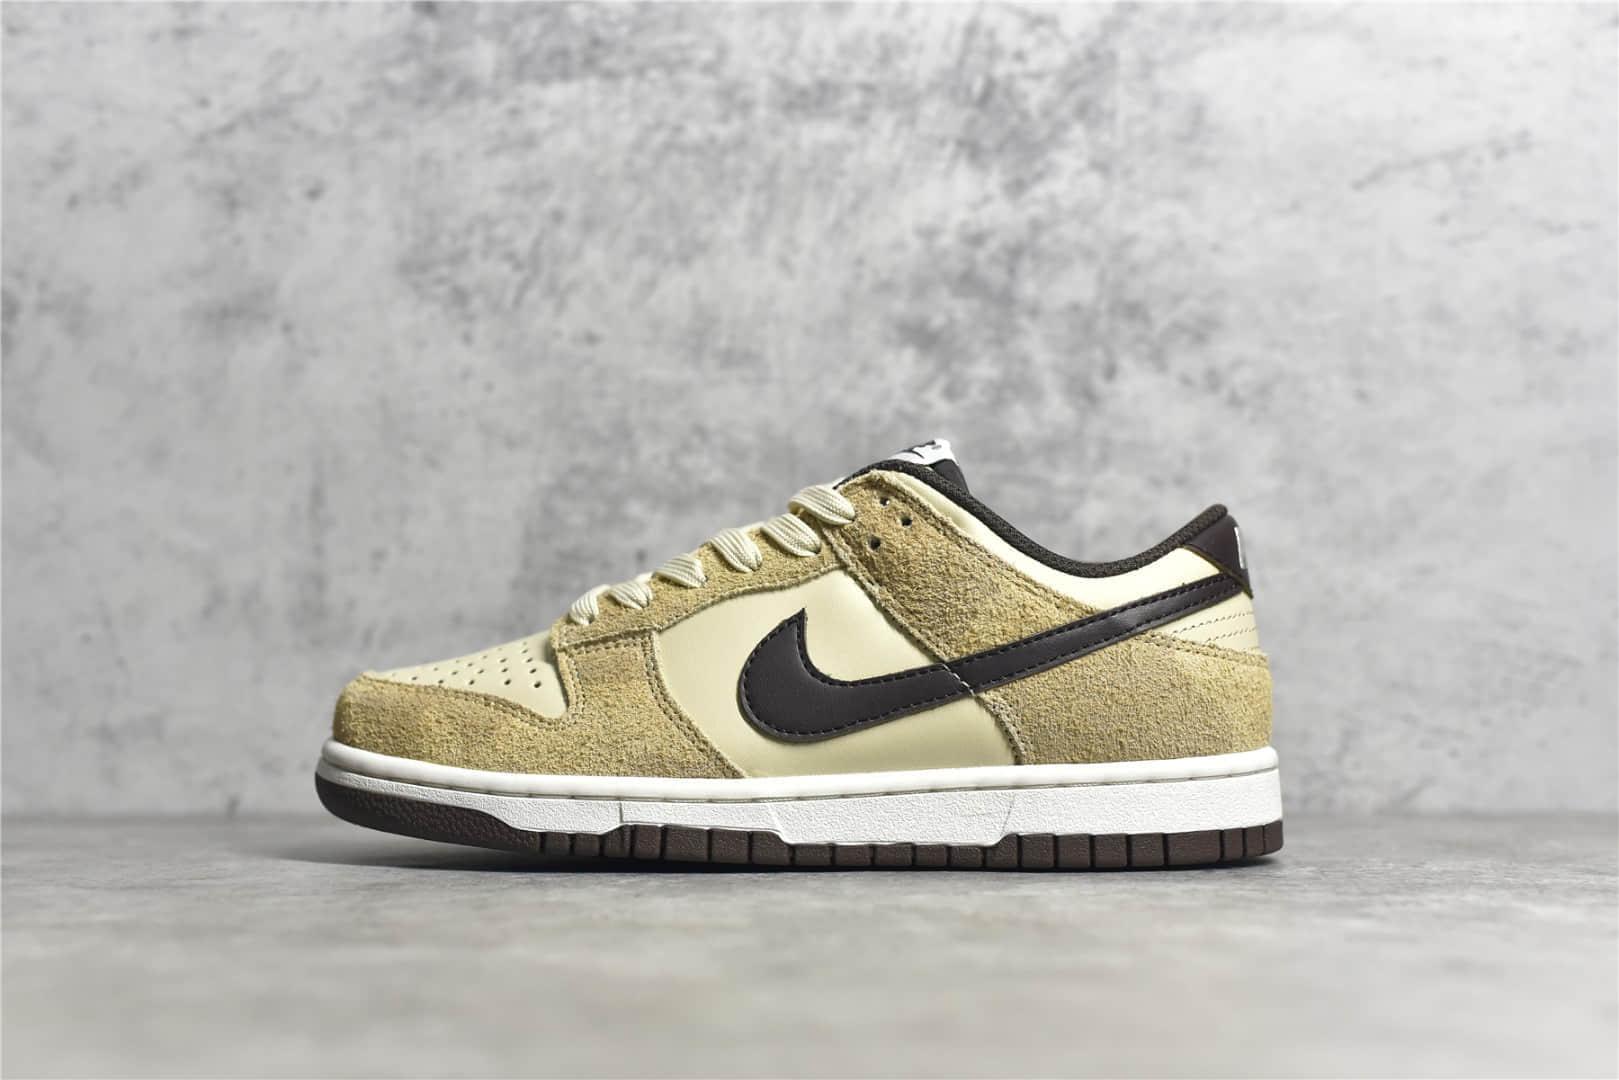 耐克Dunk卡其棕色低帮 Nike SB Dunk Low 纯原版本耐克Dunk麂皮低帮 货号:DH7913-200-潮流者之家